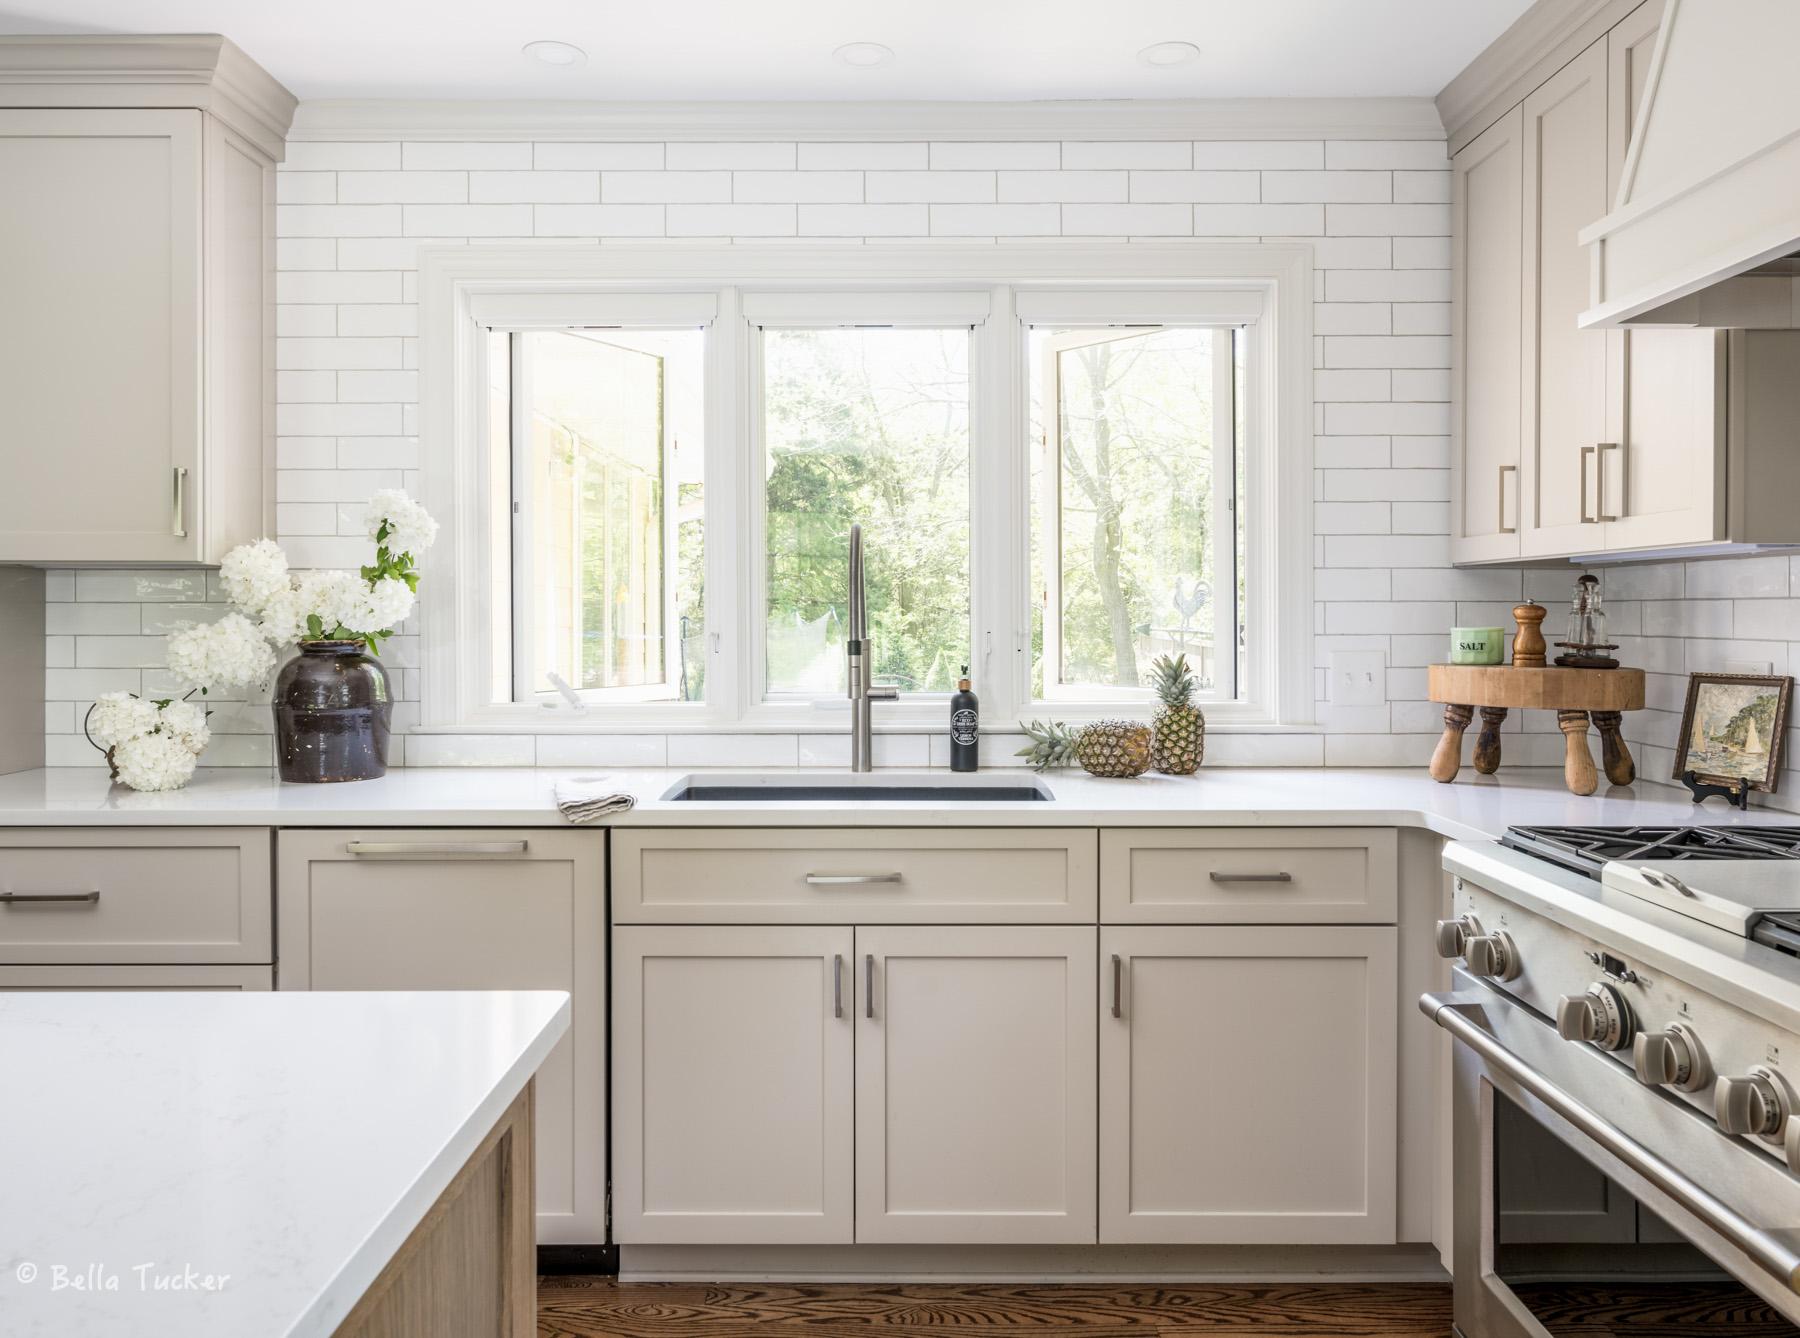 casement windows kitchen tile